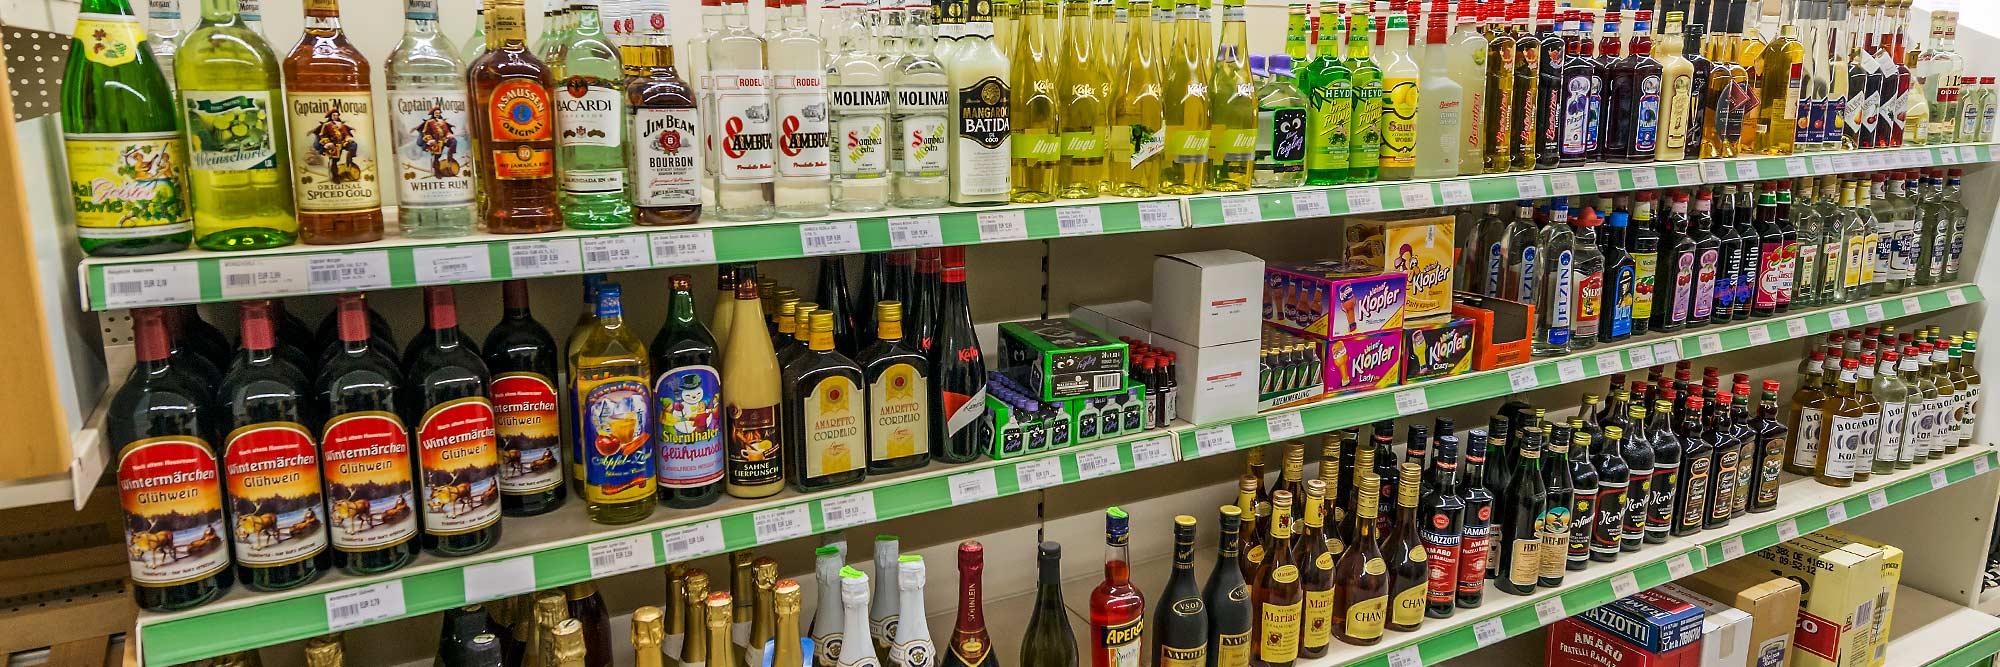 Raiffeisen Markt Ottmarsbocholt Spirituosen